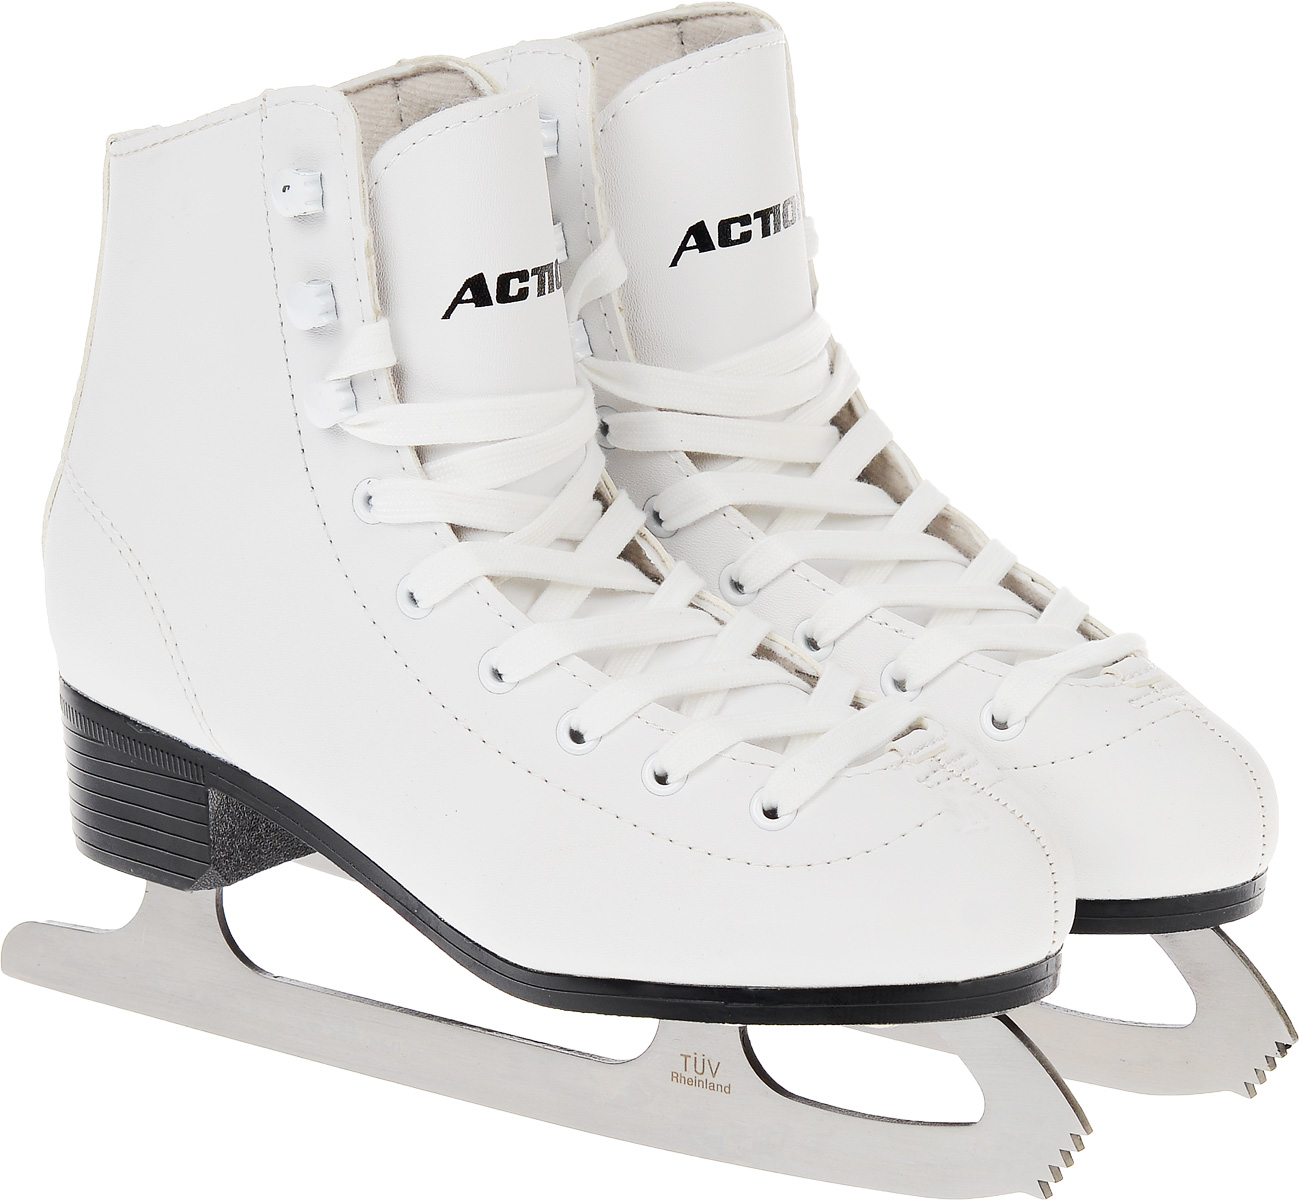 Коньки фигурные женские Action Sporting Goods, цвет: белый. PW-215. Размер 37